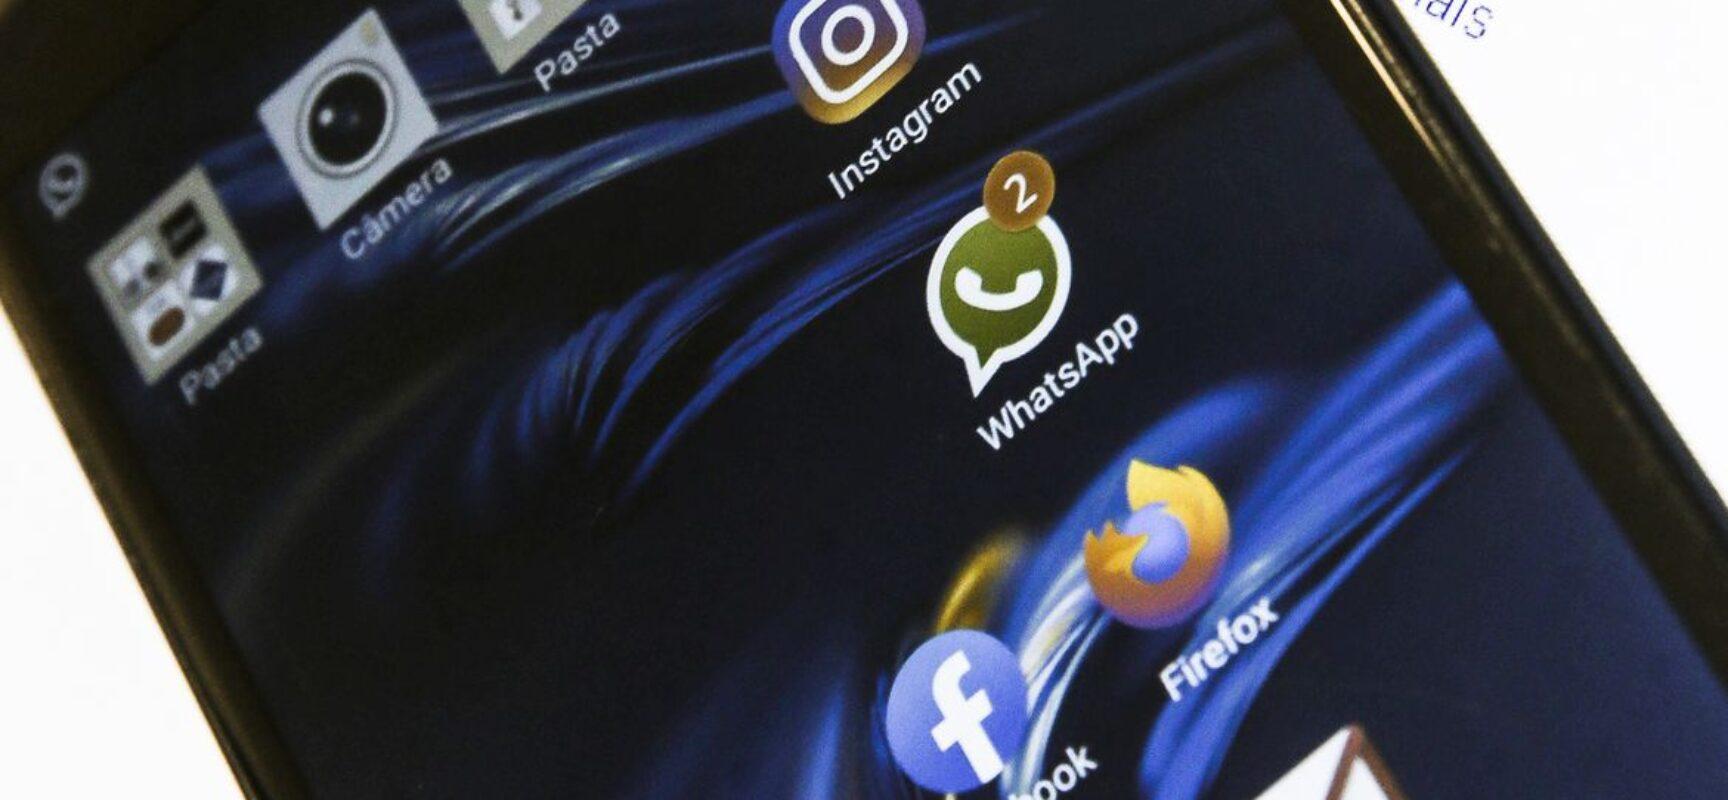 Ministra do STF suspende MP que altera o Marco Civil da Internet